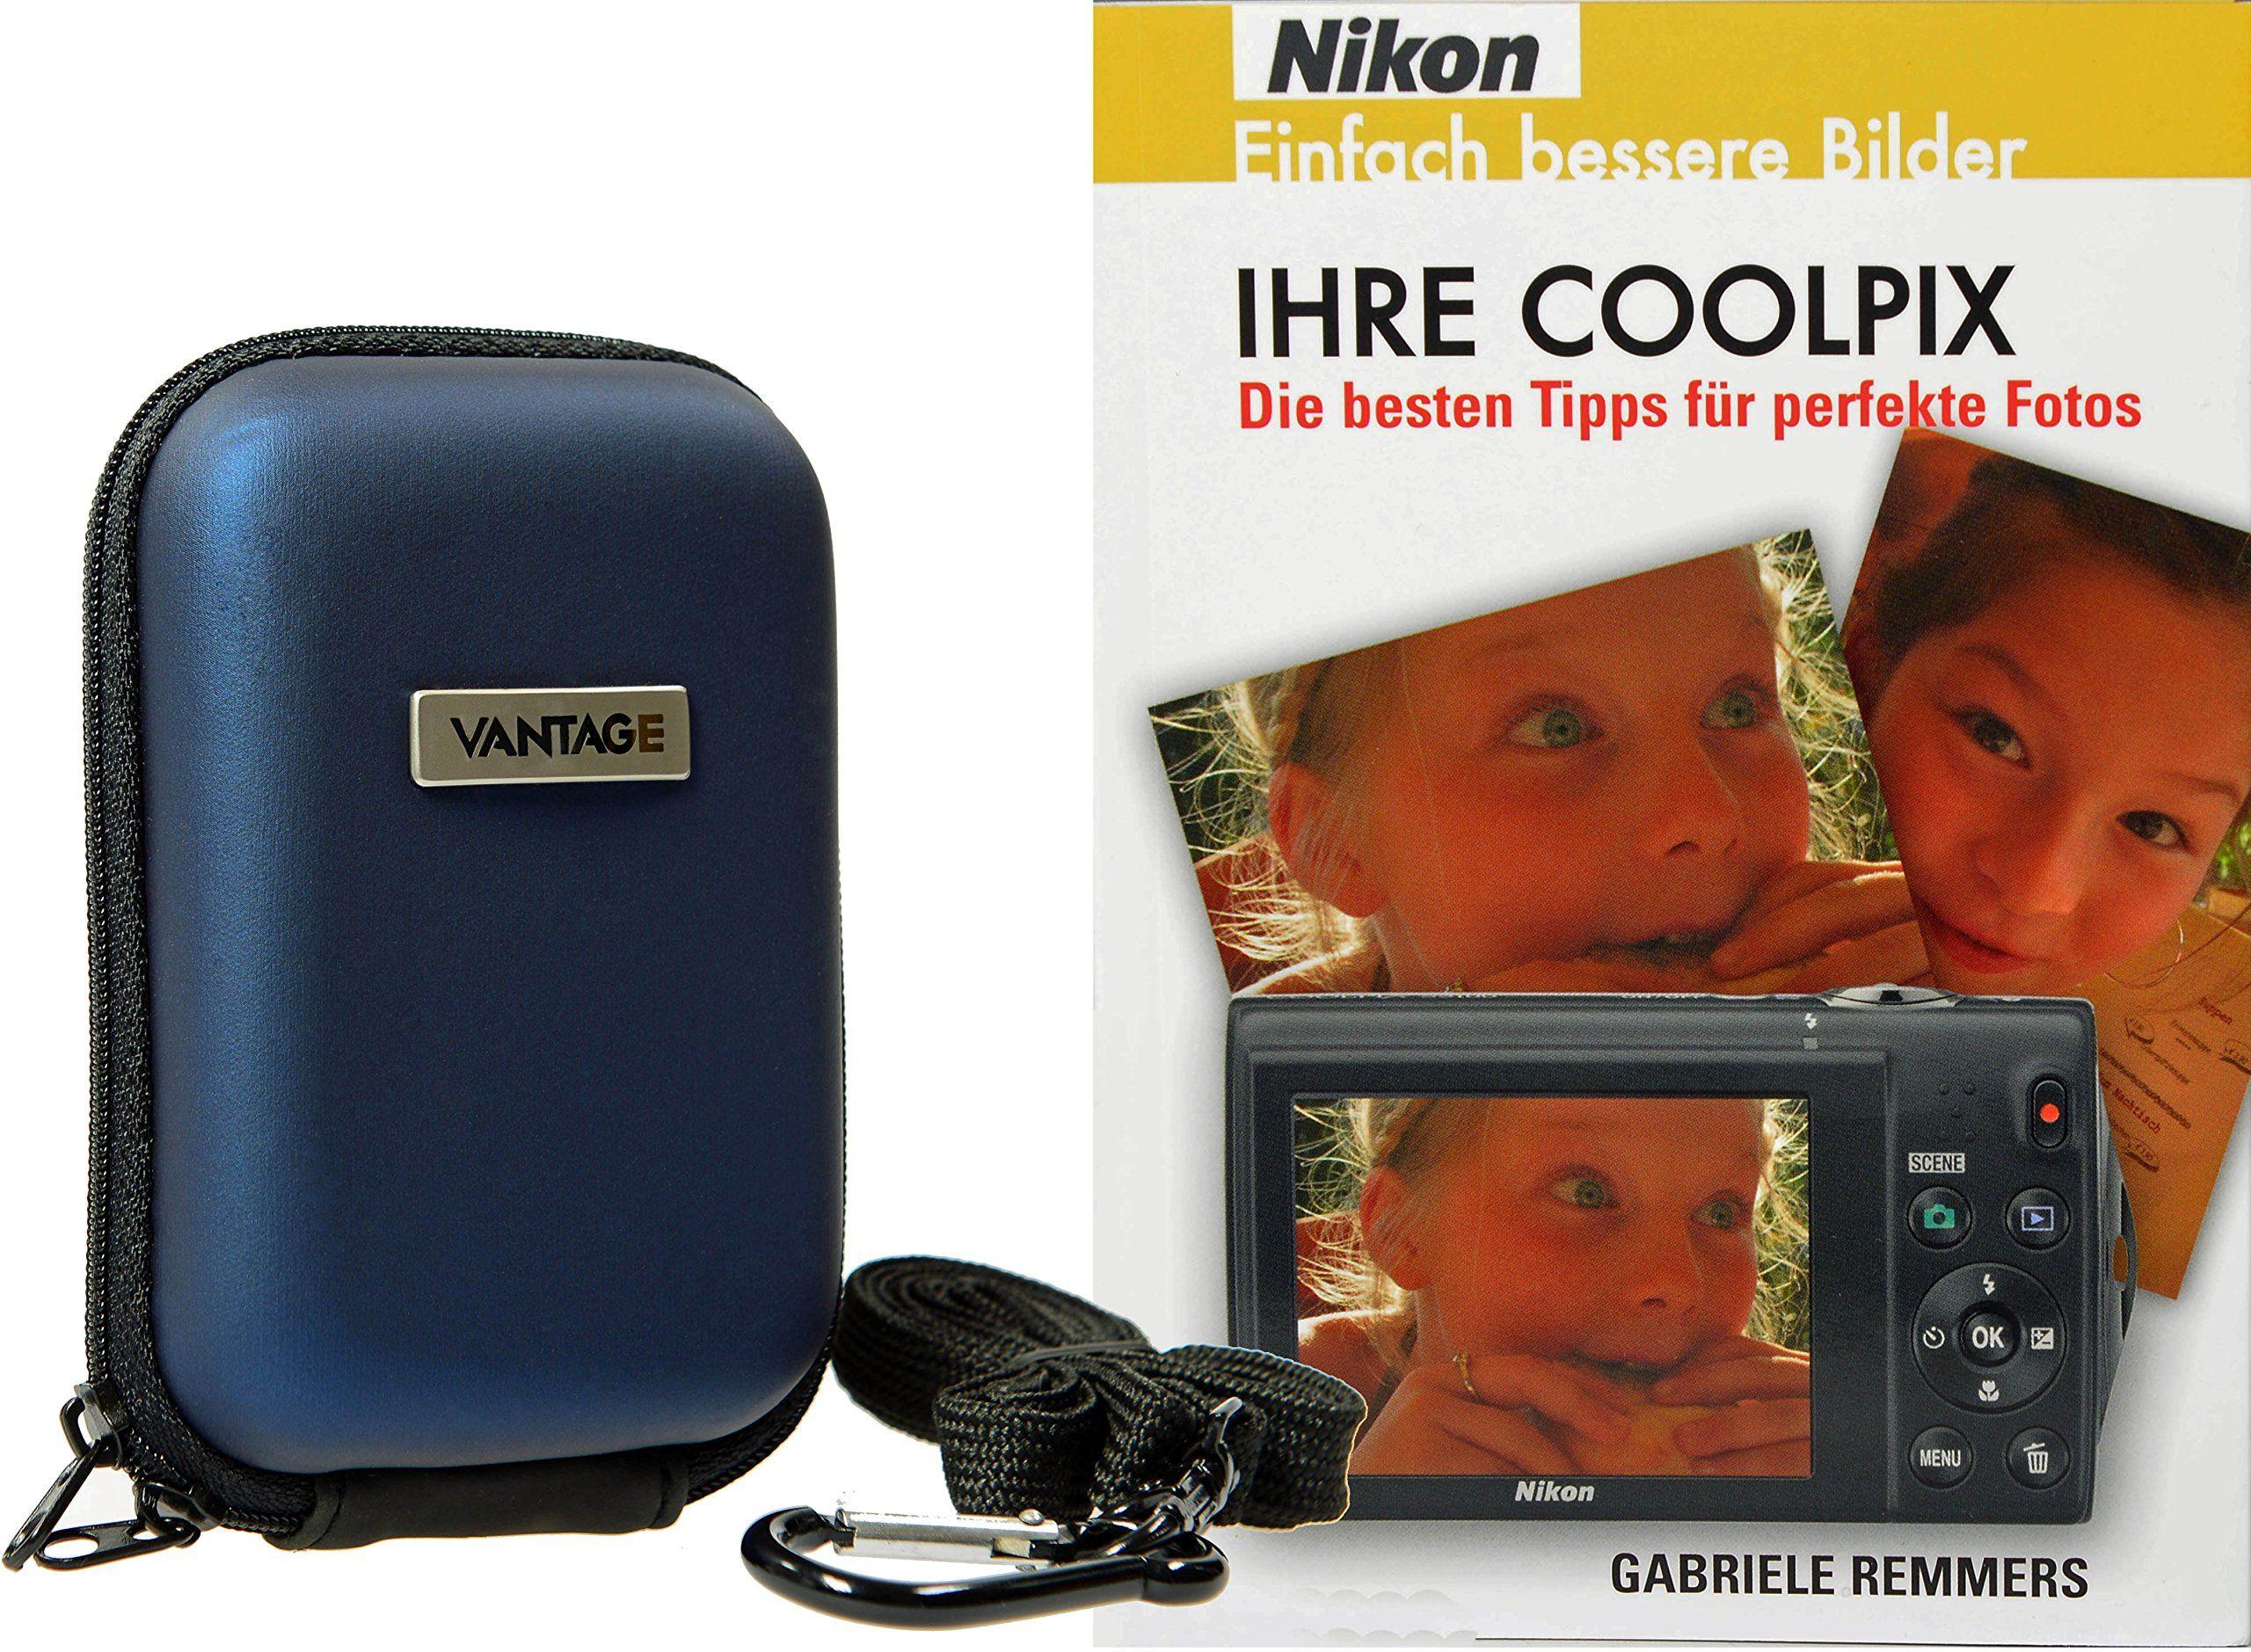 Torba na aparat fotograficzny EVA z fotoksiążką IHRE COOLPIX Nikon do S7000 S6900 L31 L33 i wiele więcej